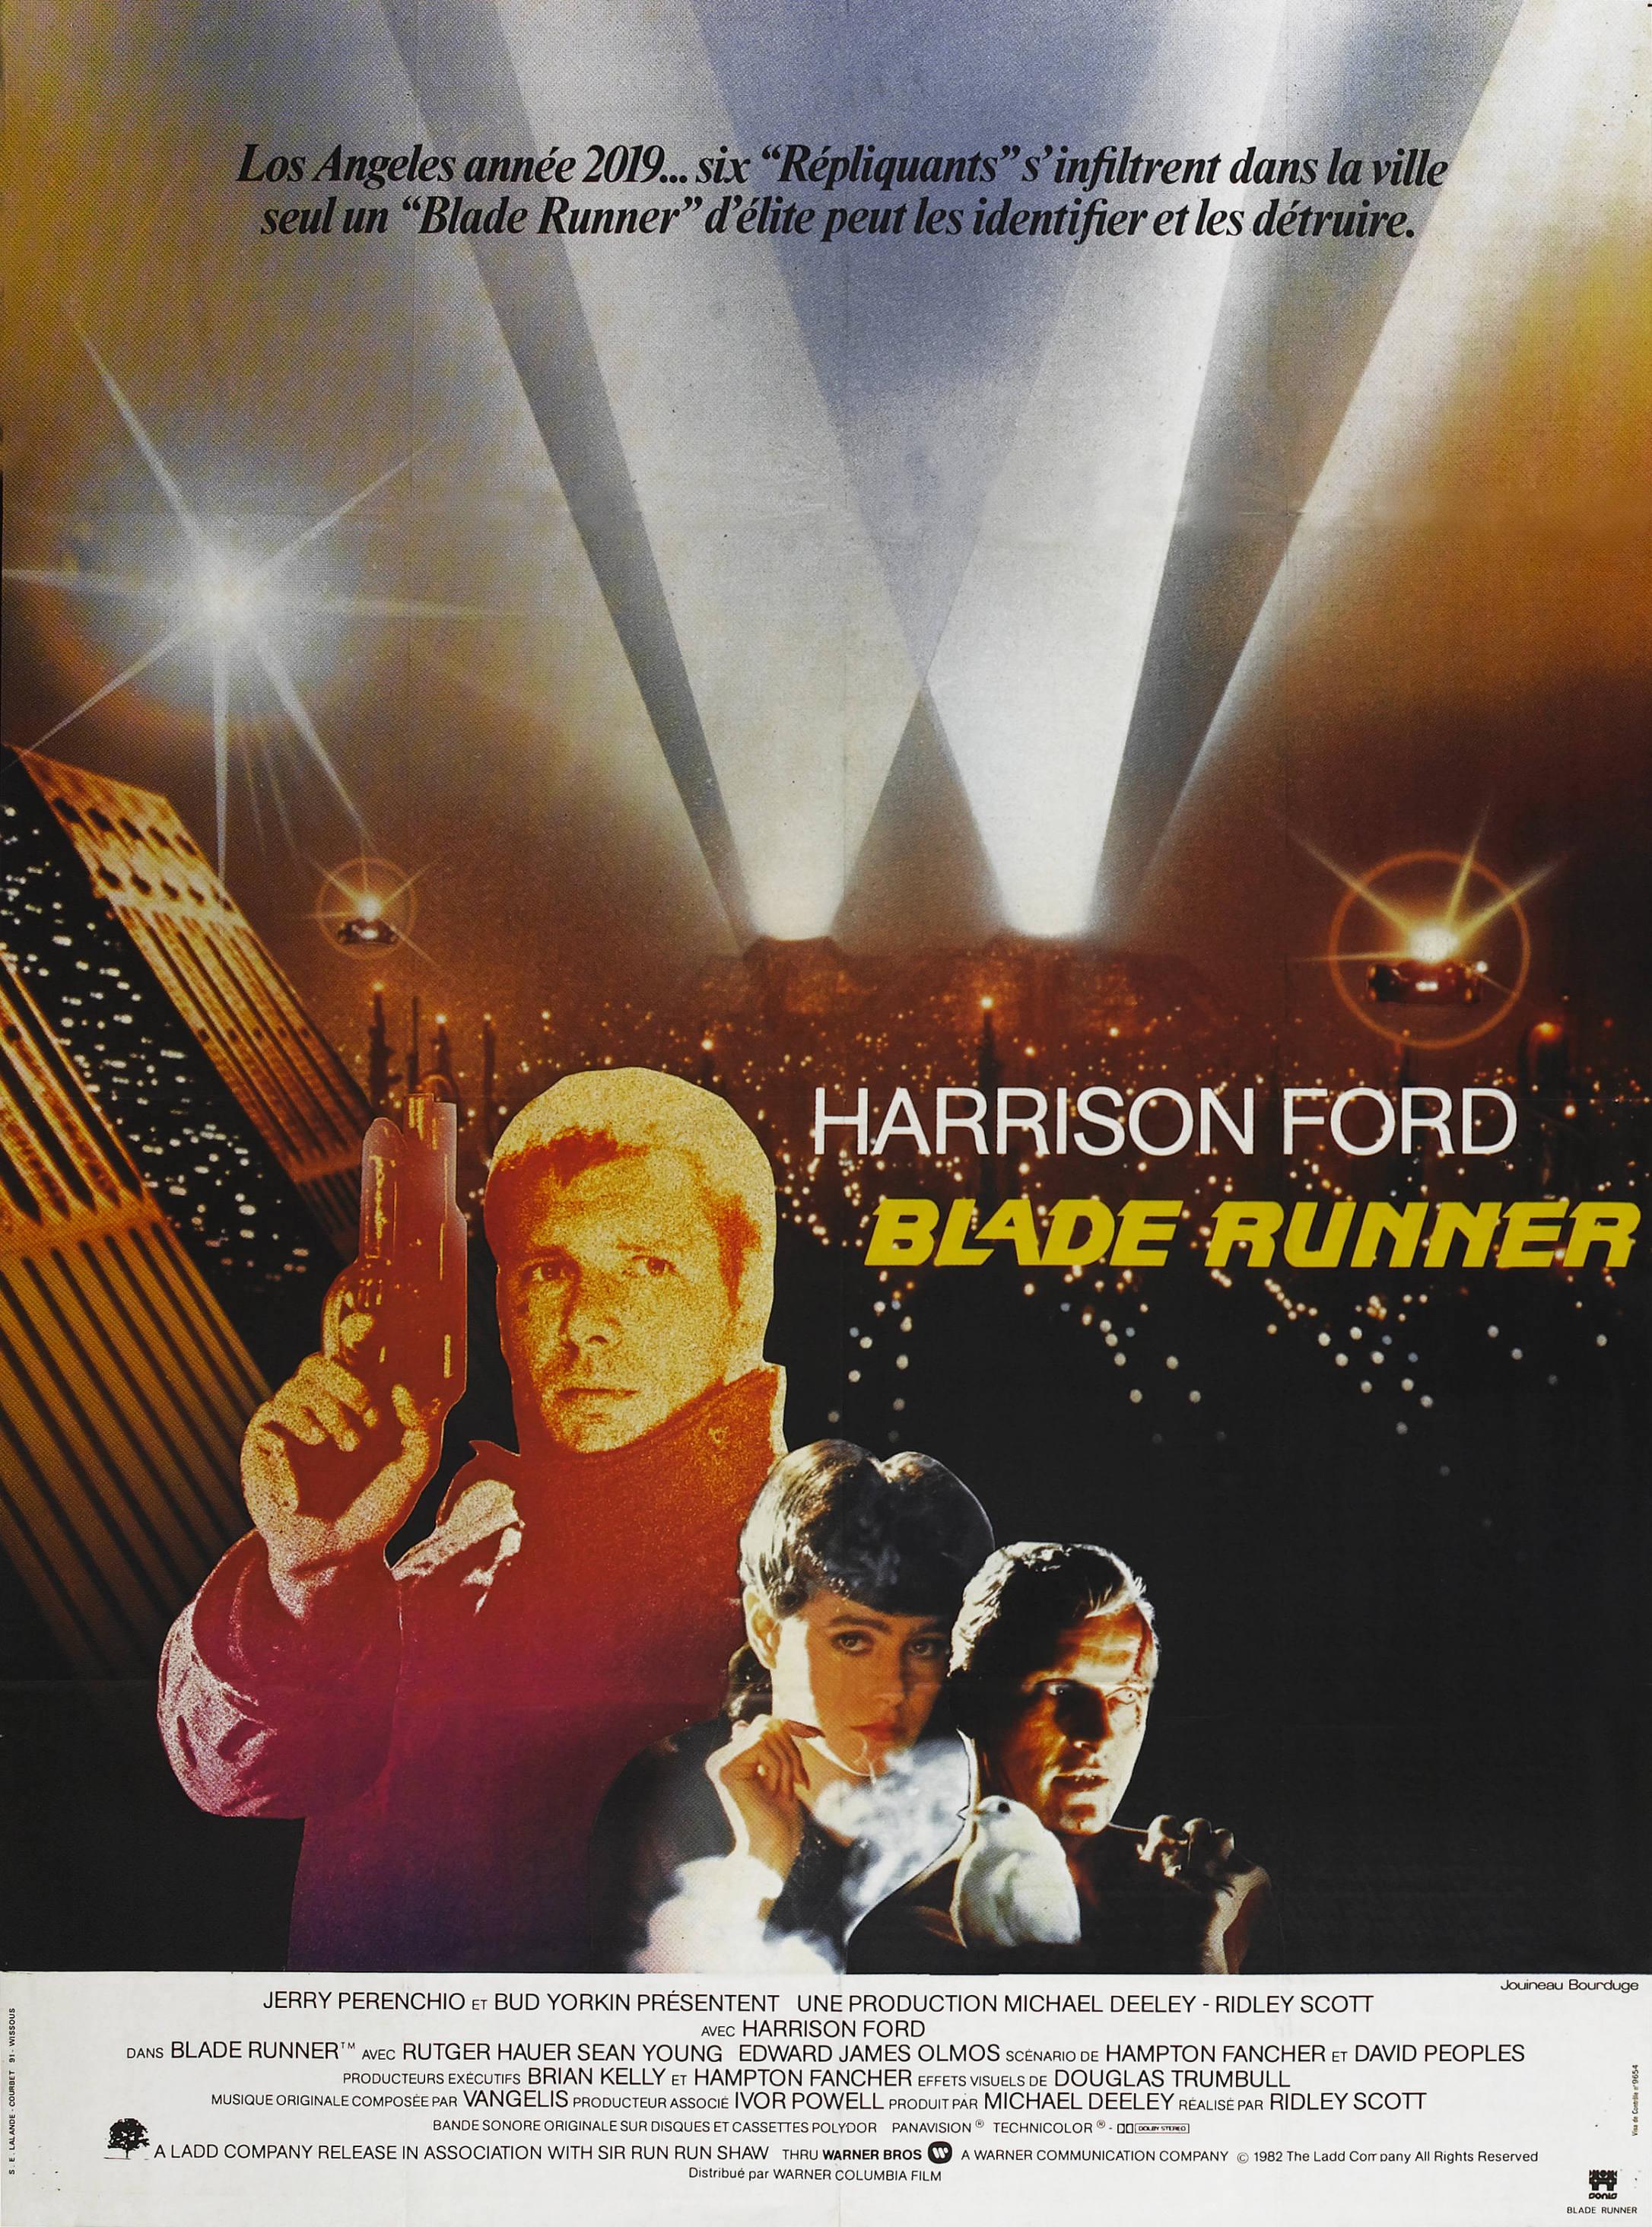 Blade Runner French poster